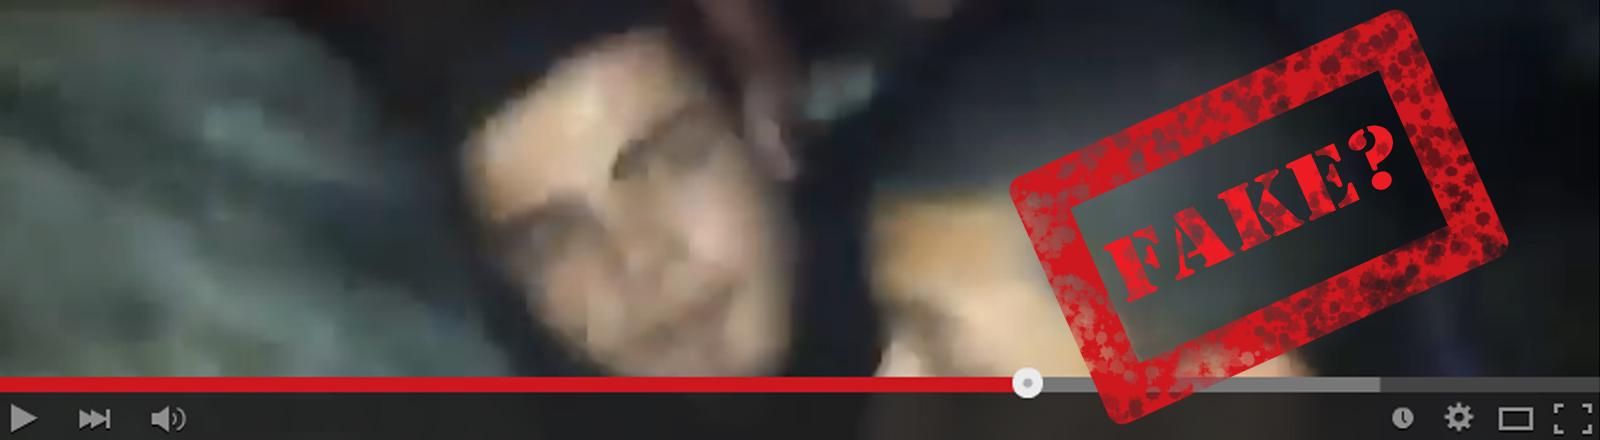 Ein Video vom Tahrir Platz von 2012 wird im Netz massiv geteilt